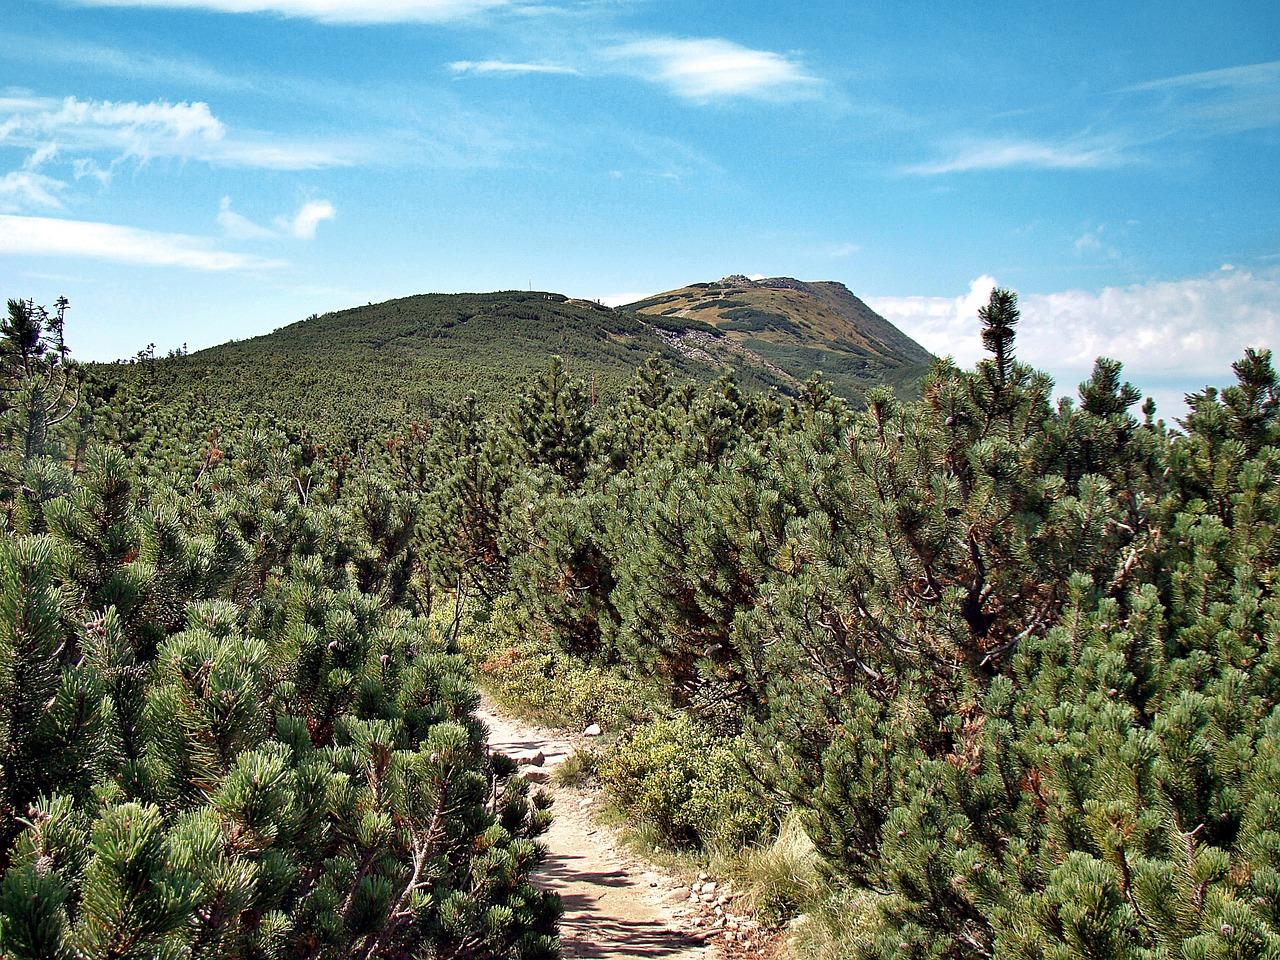 Wyprawa na szczyt Babiej Góry - niezbędny ekwipunek